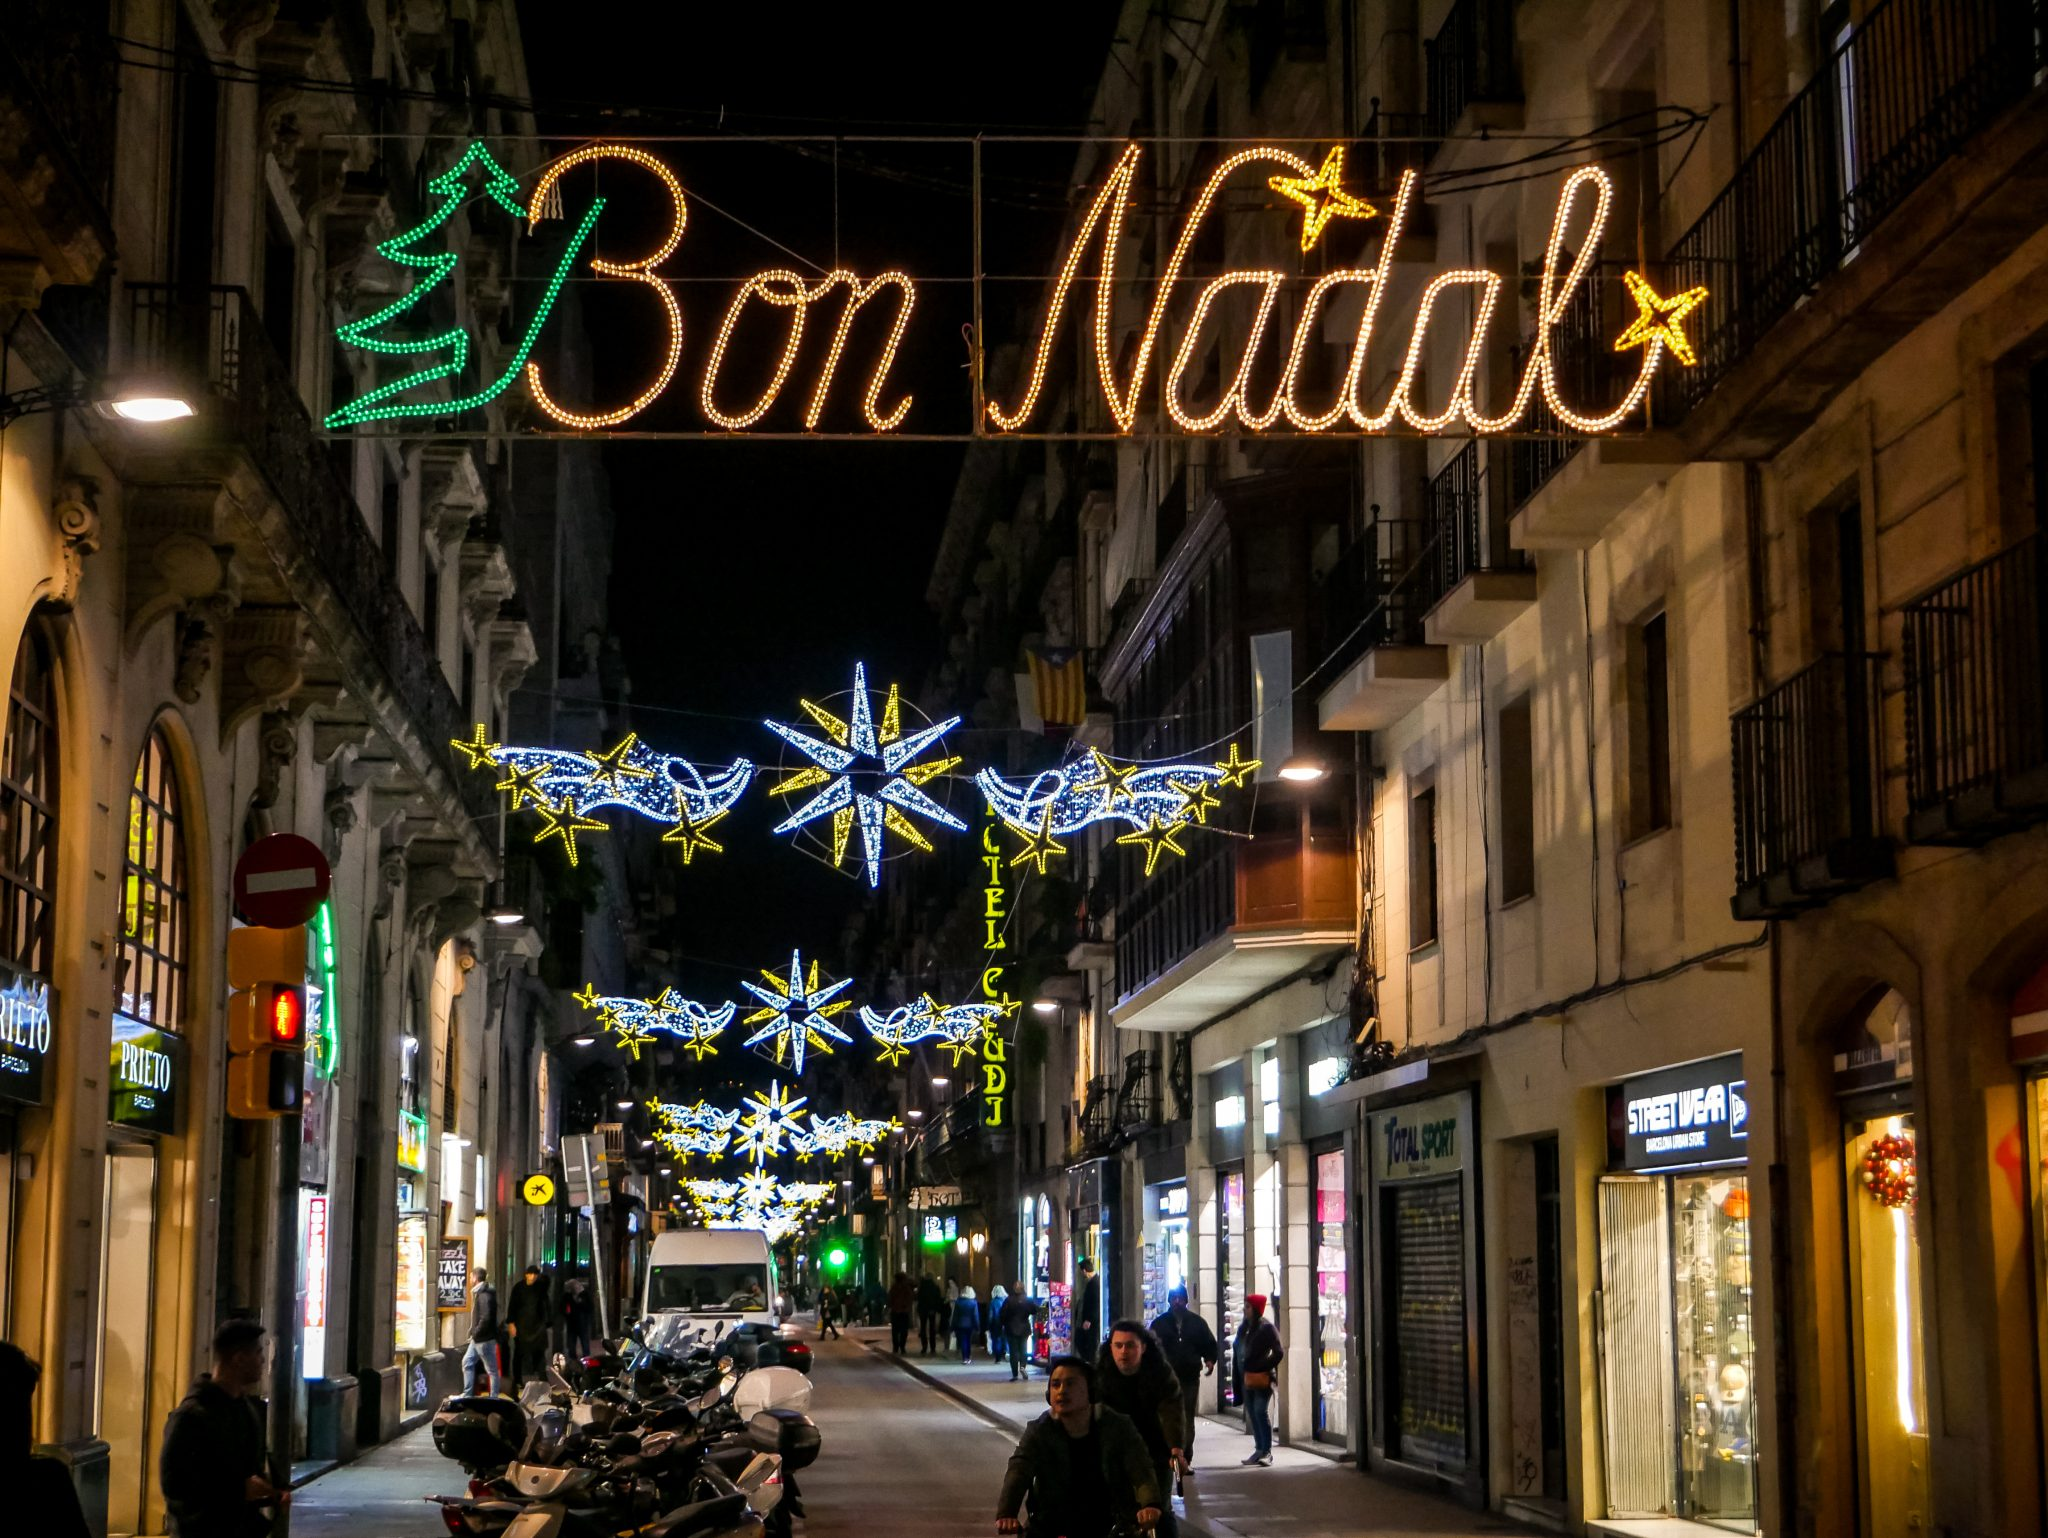 In vielen kleinen Gassen des gotischen Viertels kannst du ebenfalls wunderschöne Weihnachtsdekoration finden.